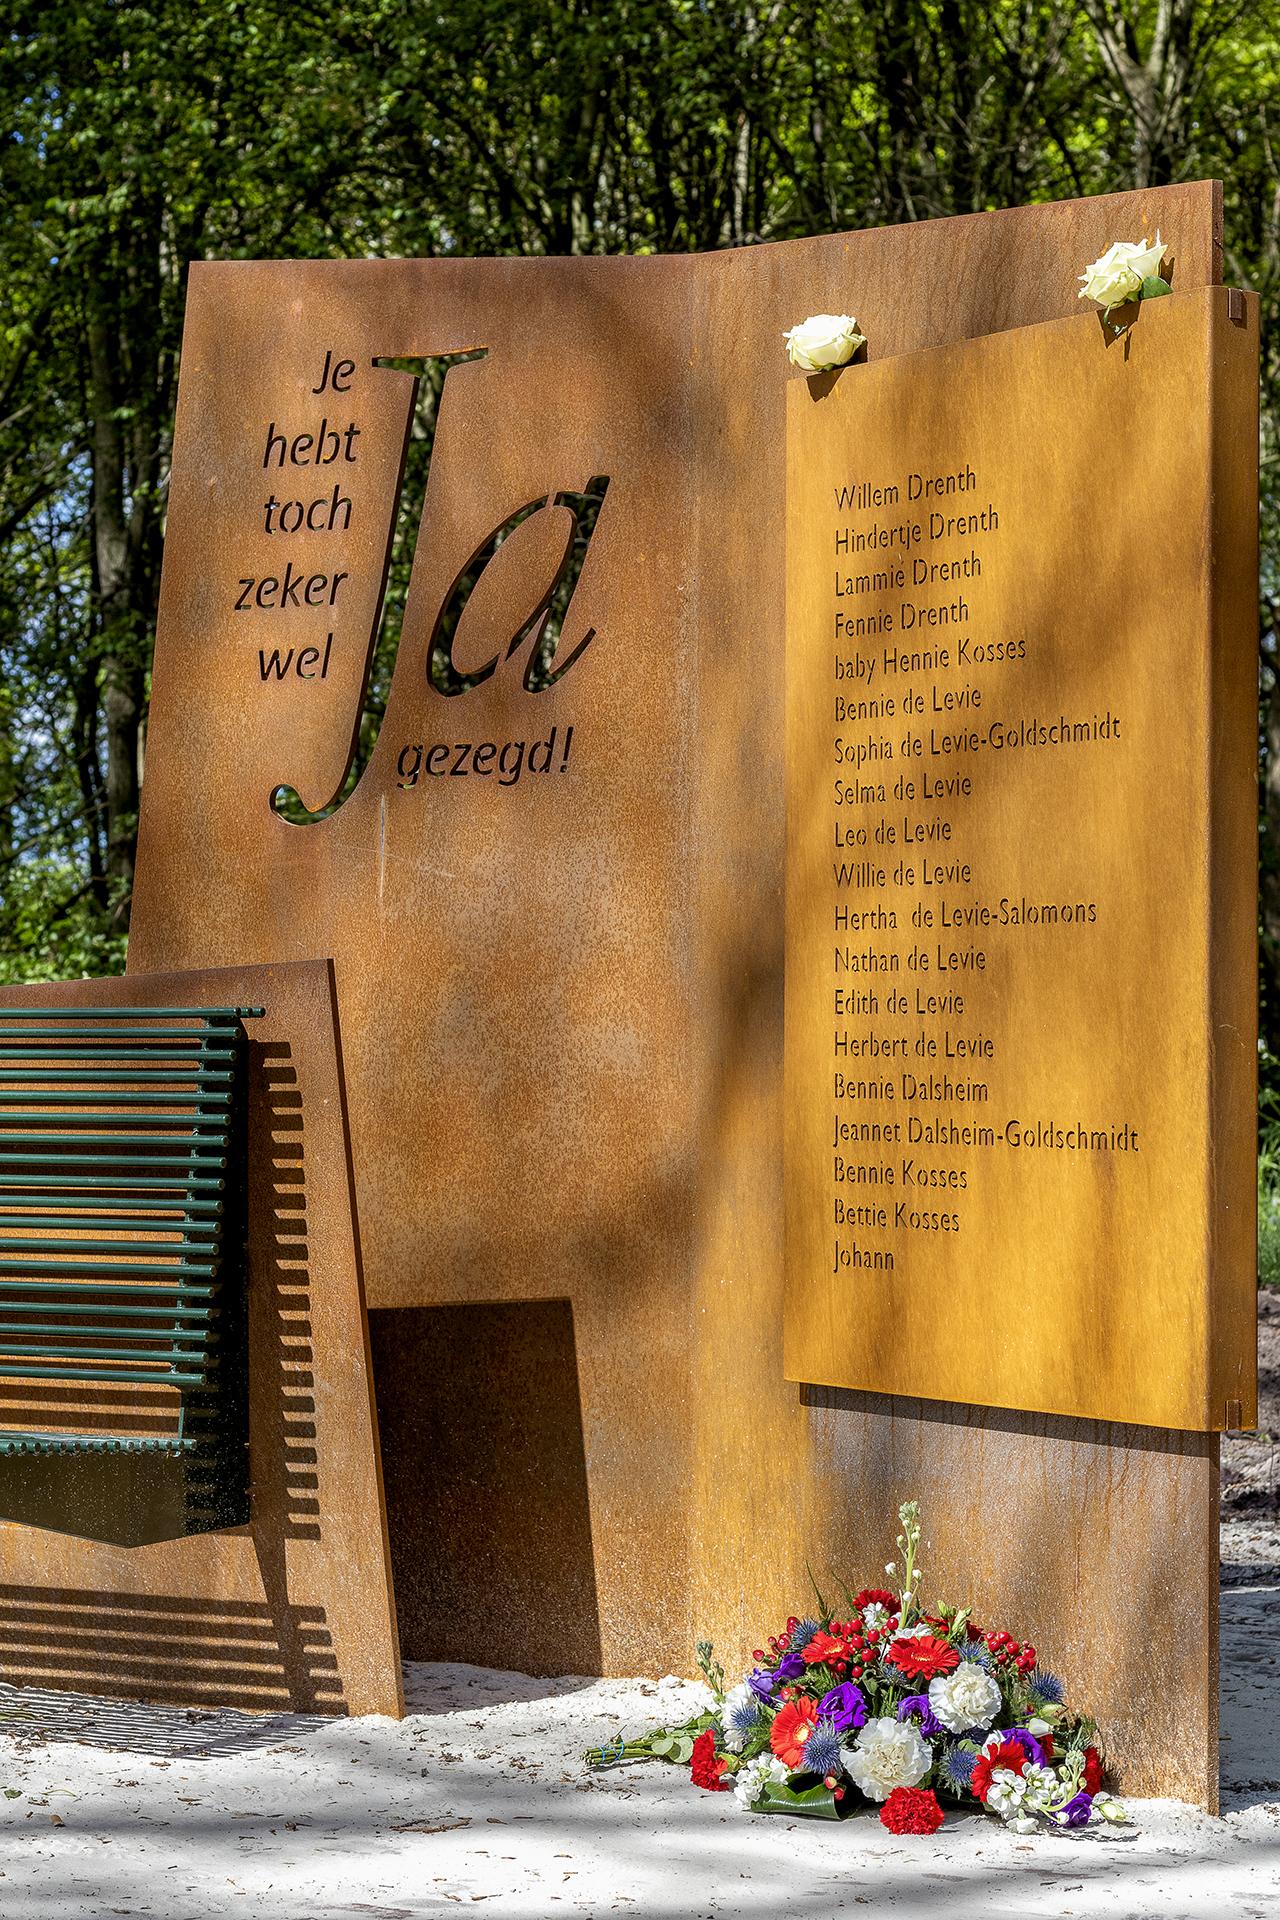 Het paneel met namen van de familie Drenth en de onderduikers dat onderdeel is van Monument21.